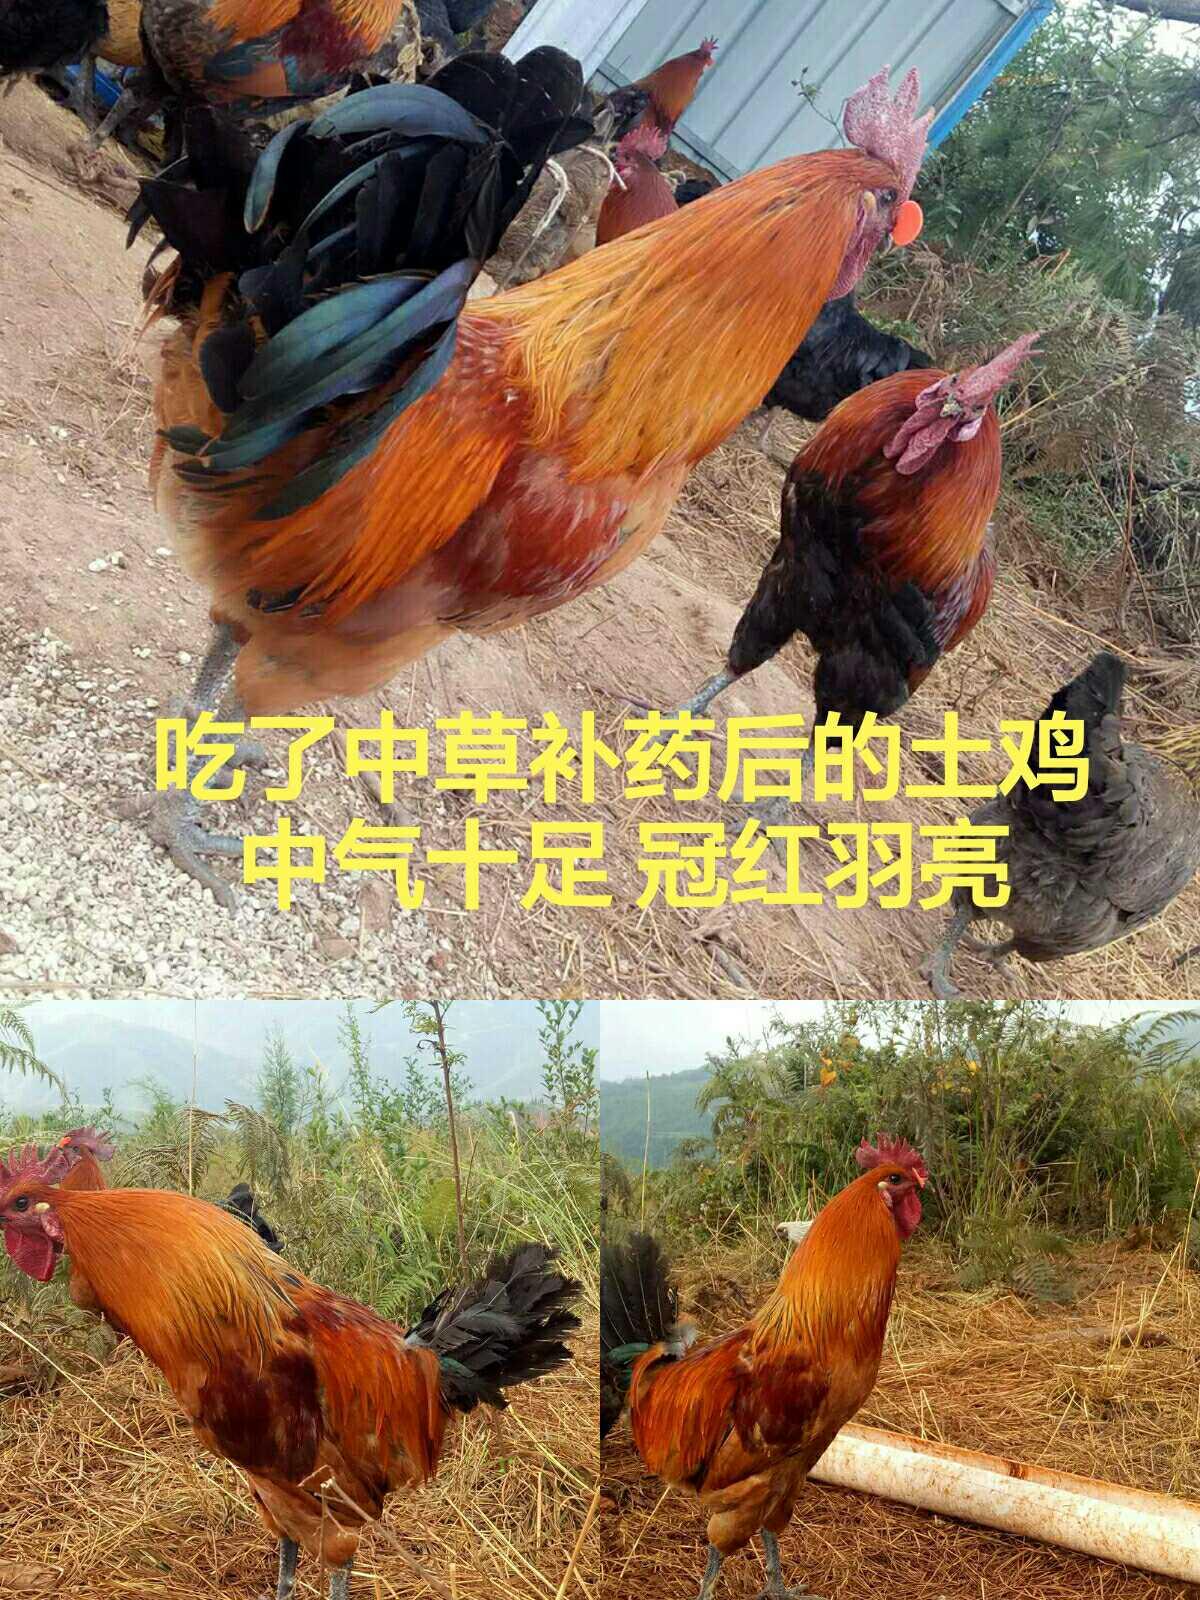 Китайский травяной куриный питательный курица цыпленка с курицей Подлинная подлинная курица без Куаншанские черные костяные цыплята Курица цыпленка